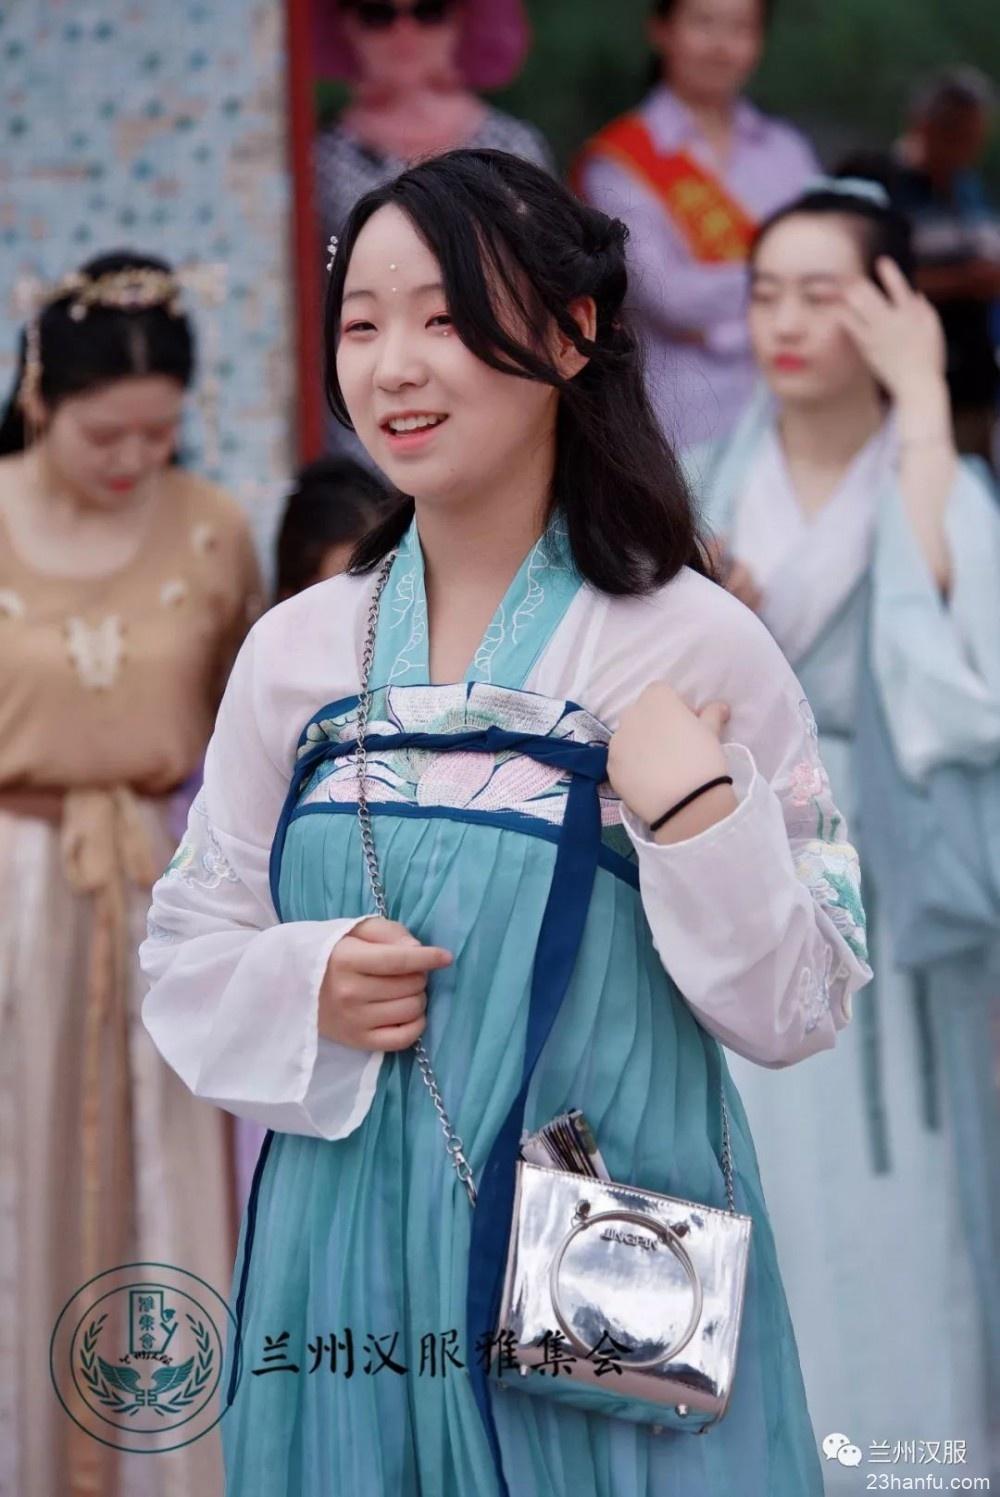 【活动返图】粽包分两髻,艾束著危冠——己亥年端午节活动